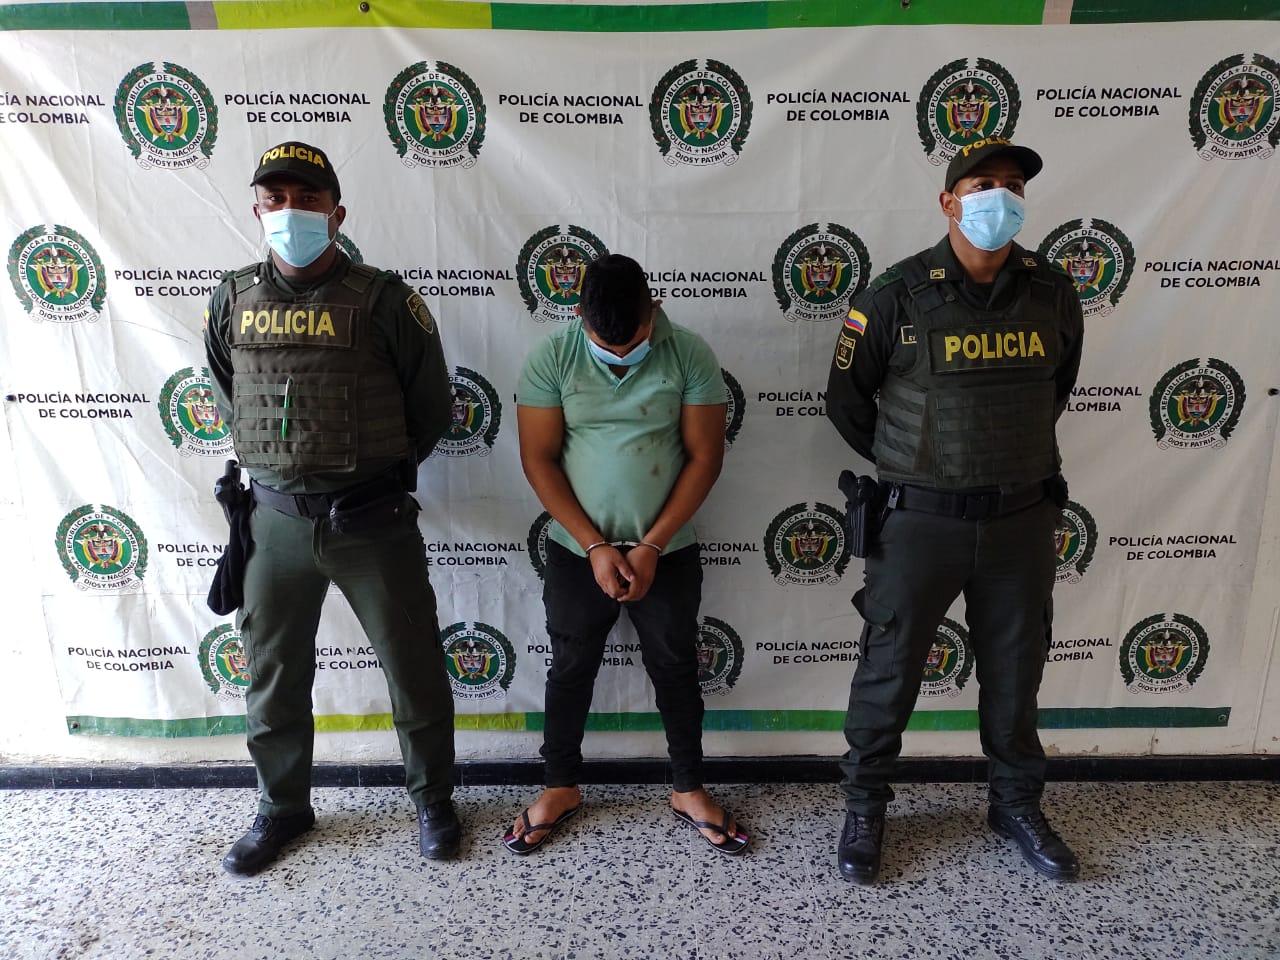 hoyennoticia.com, Ratero en San Juan del Cesar se robo $300 mil y un  IPhone